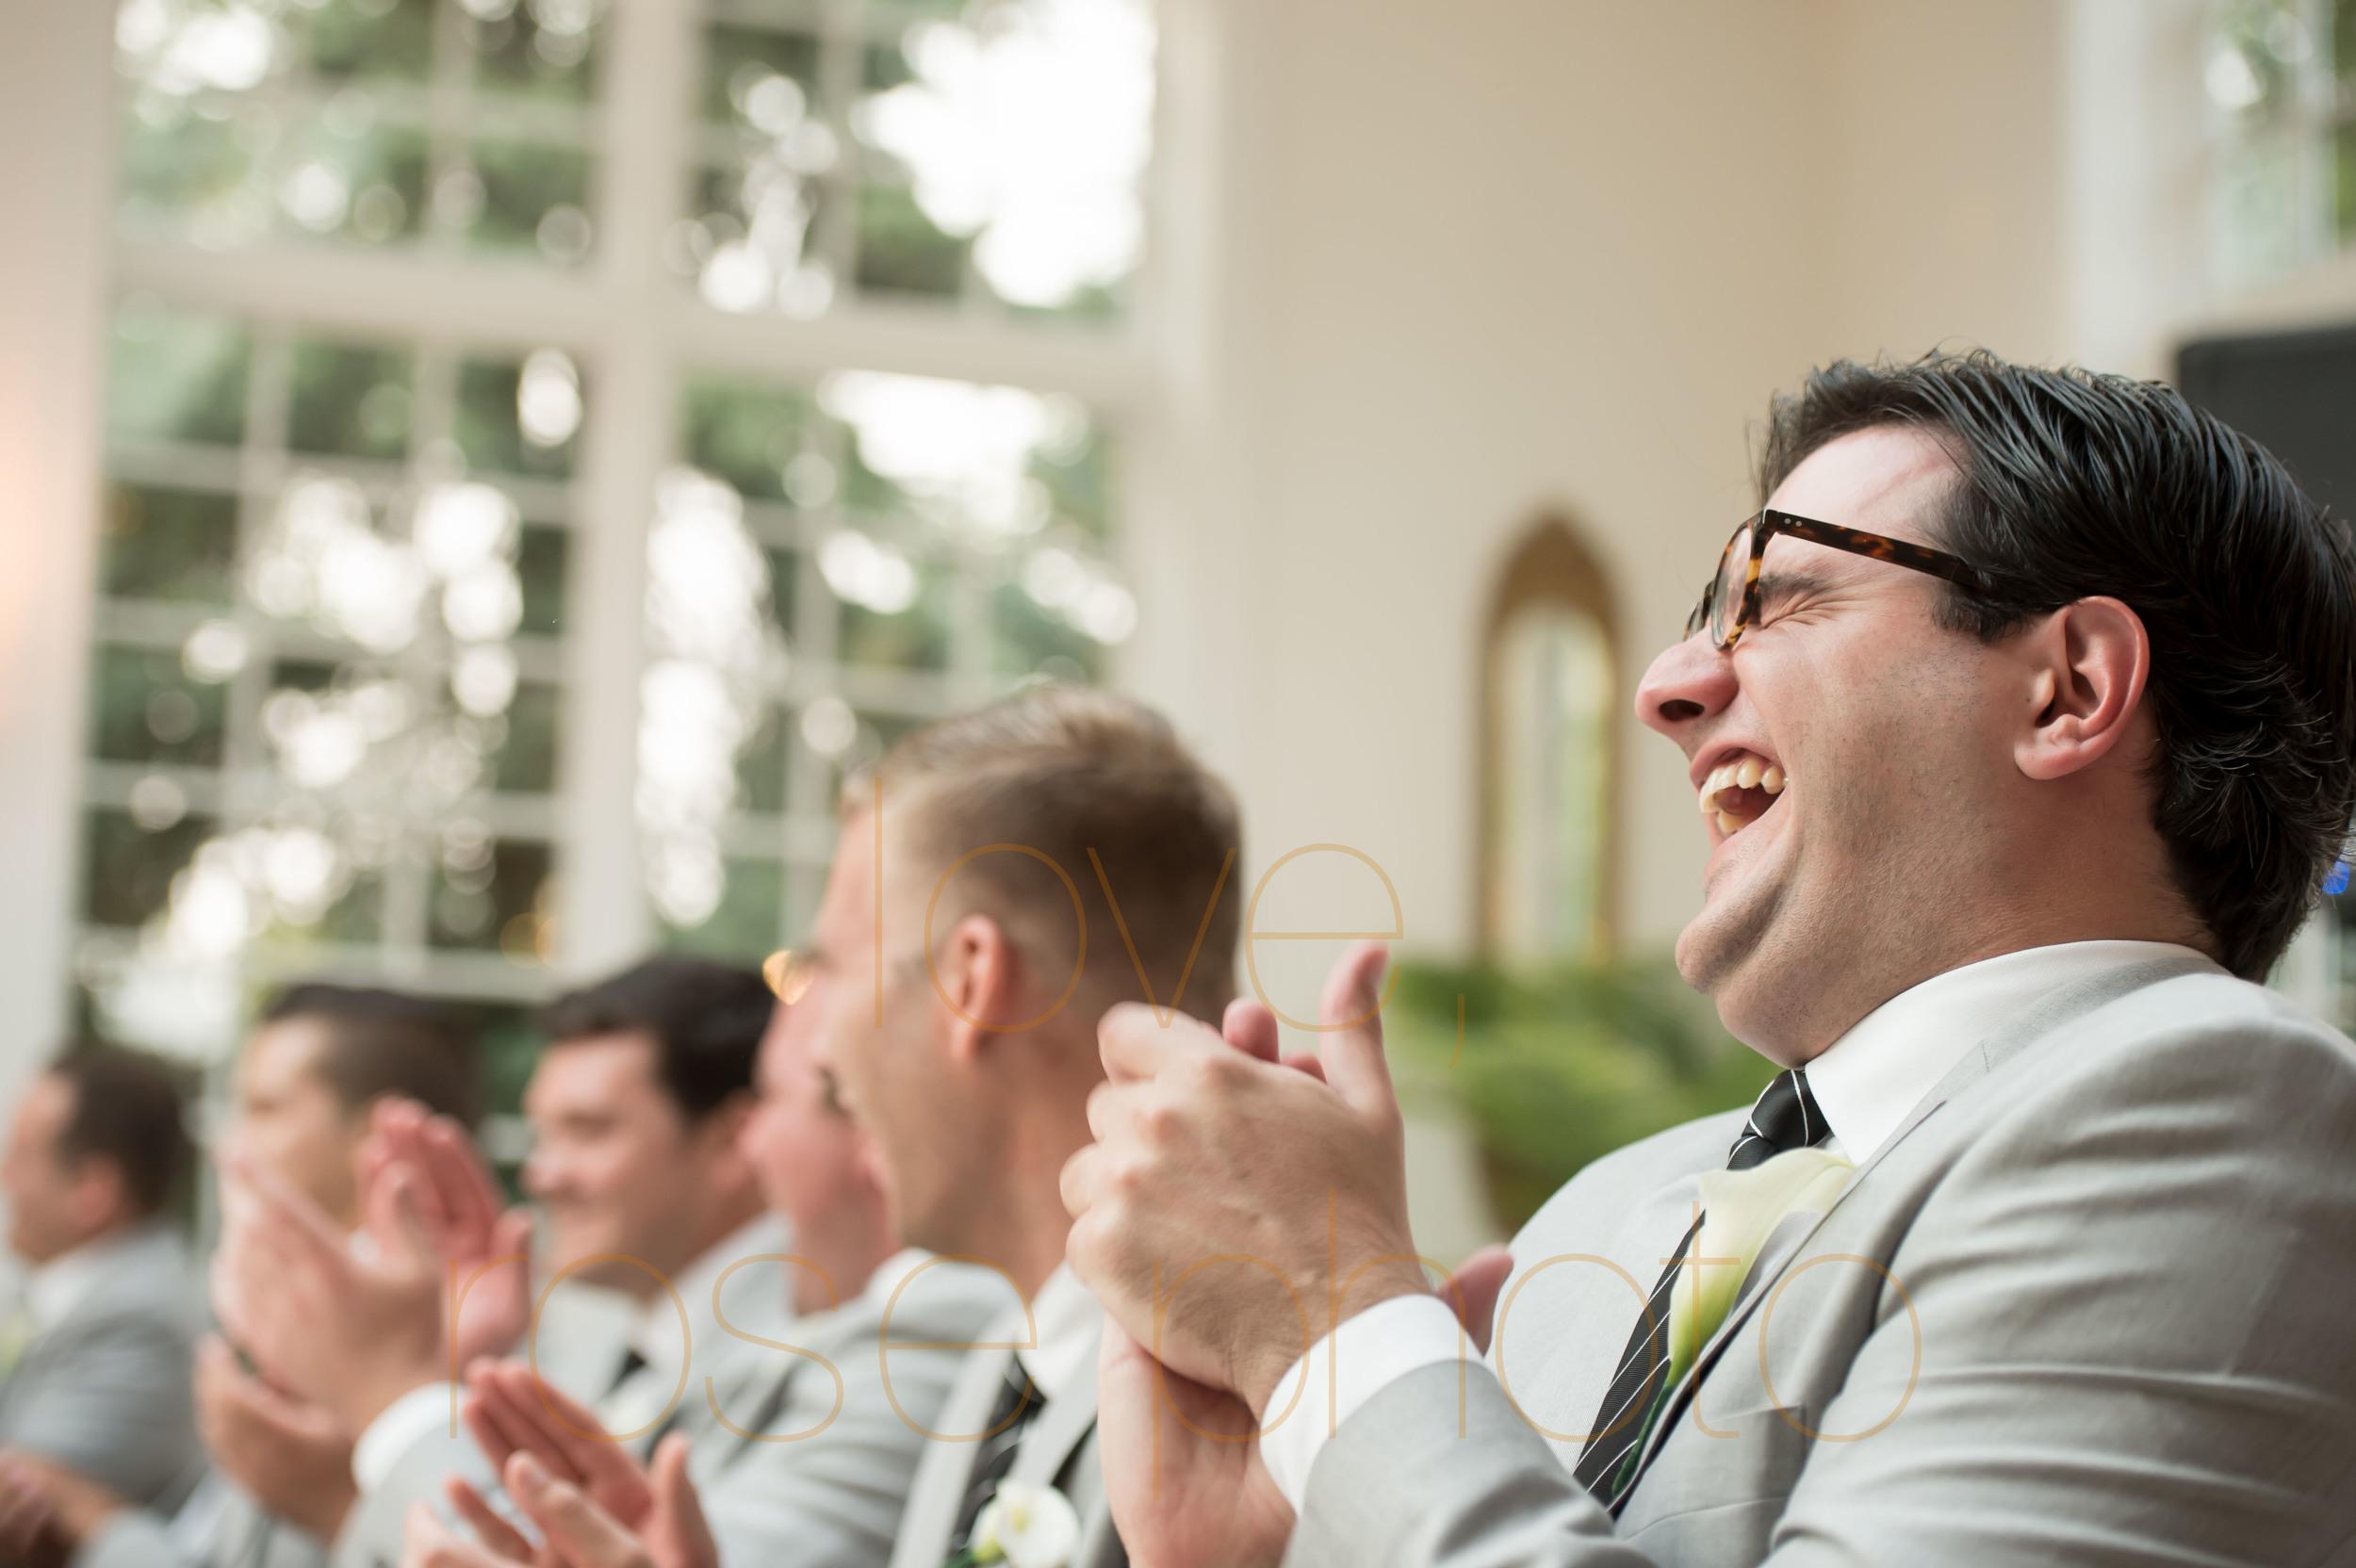 ellen + bryan chicago wedding joliet james healy mansion portrait lifestyle photojournalist photographer -019.jpg